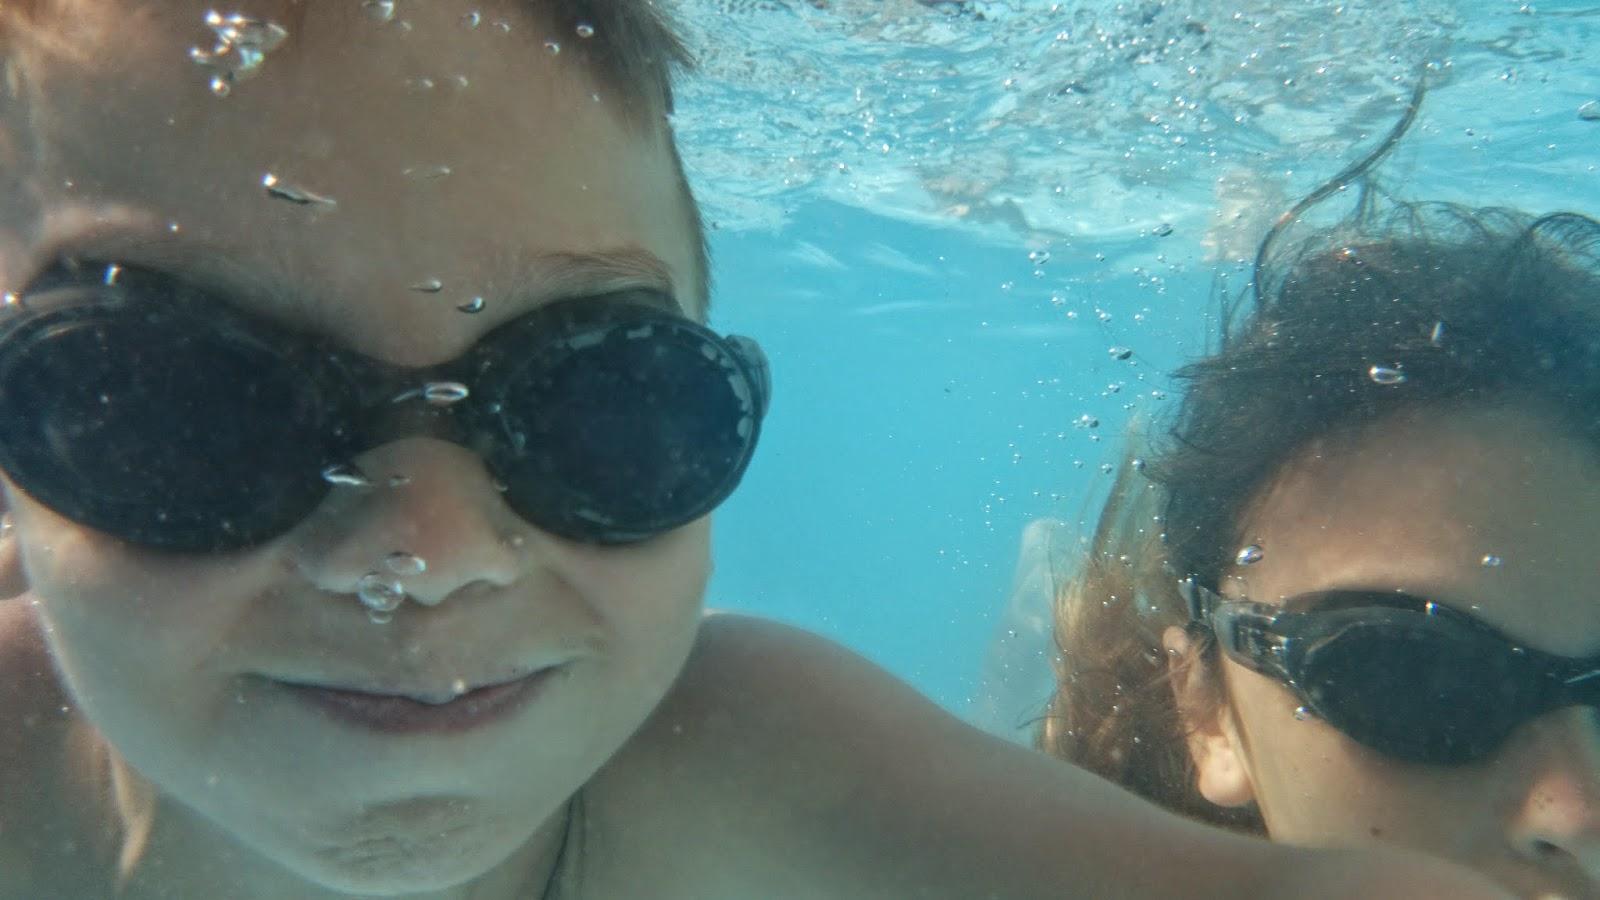 zdjęcia pod wodą,xperia z2,jak robić zdjęcia pod wodą,fotografia wodna,fajne zdjęcia pod wodą